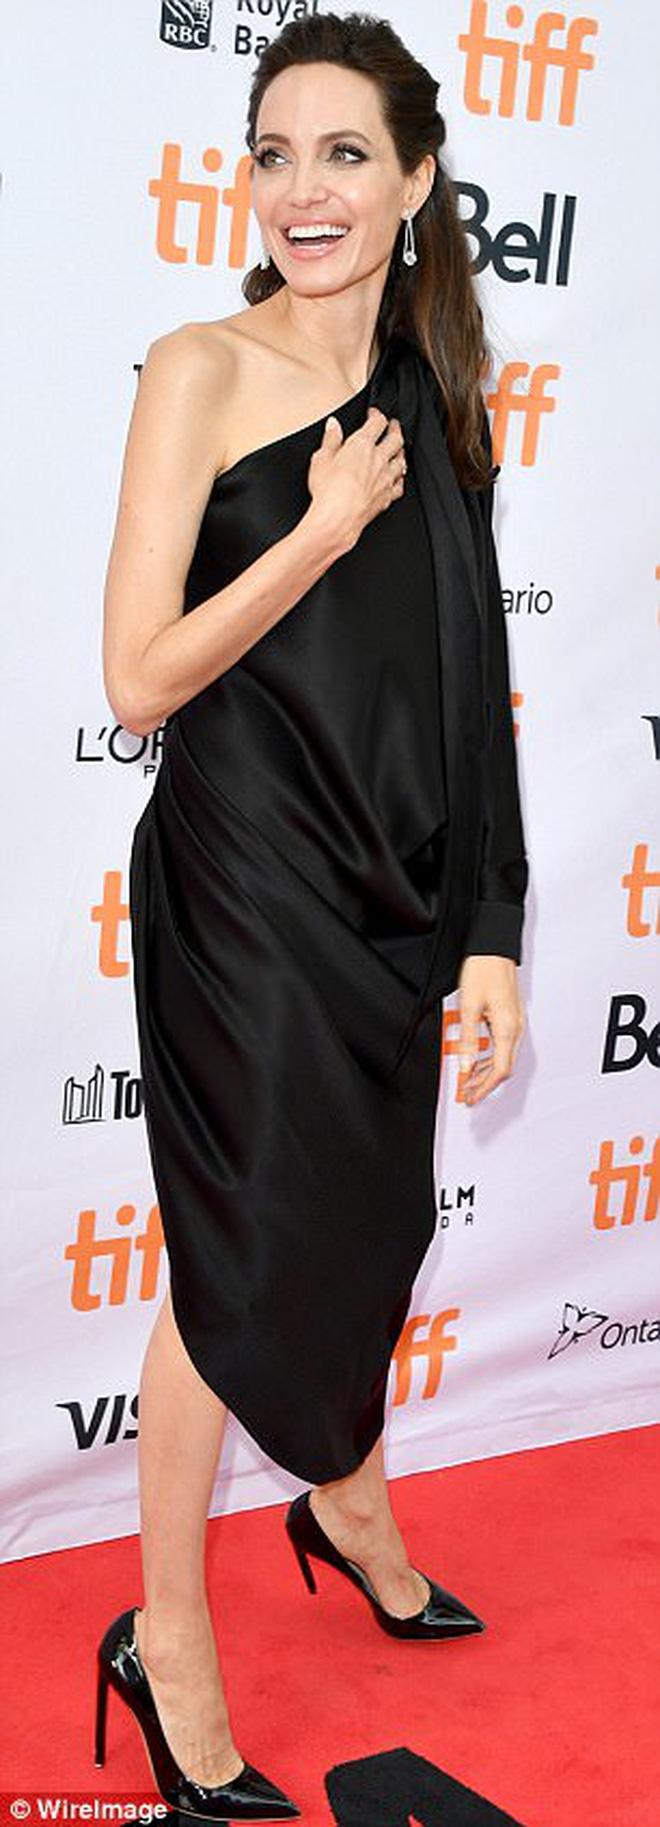 Pax Thiên giờ đã là quý tử cao nhất nhà Angelina Jolie, xuất hiện đầy chững chạc trên thảm đỏ - Ảnh 10.